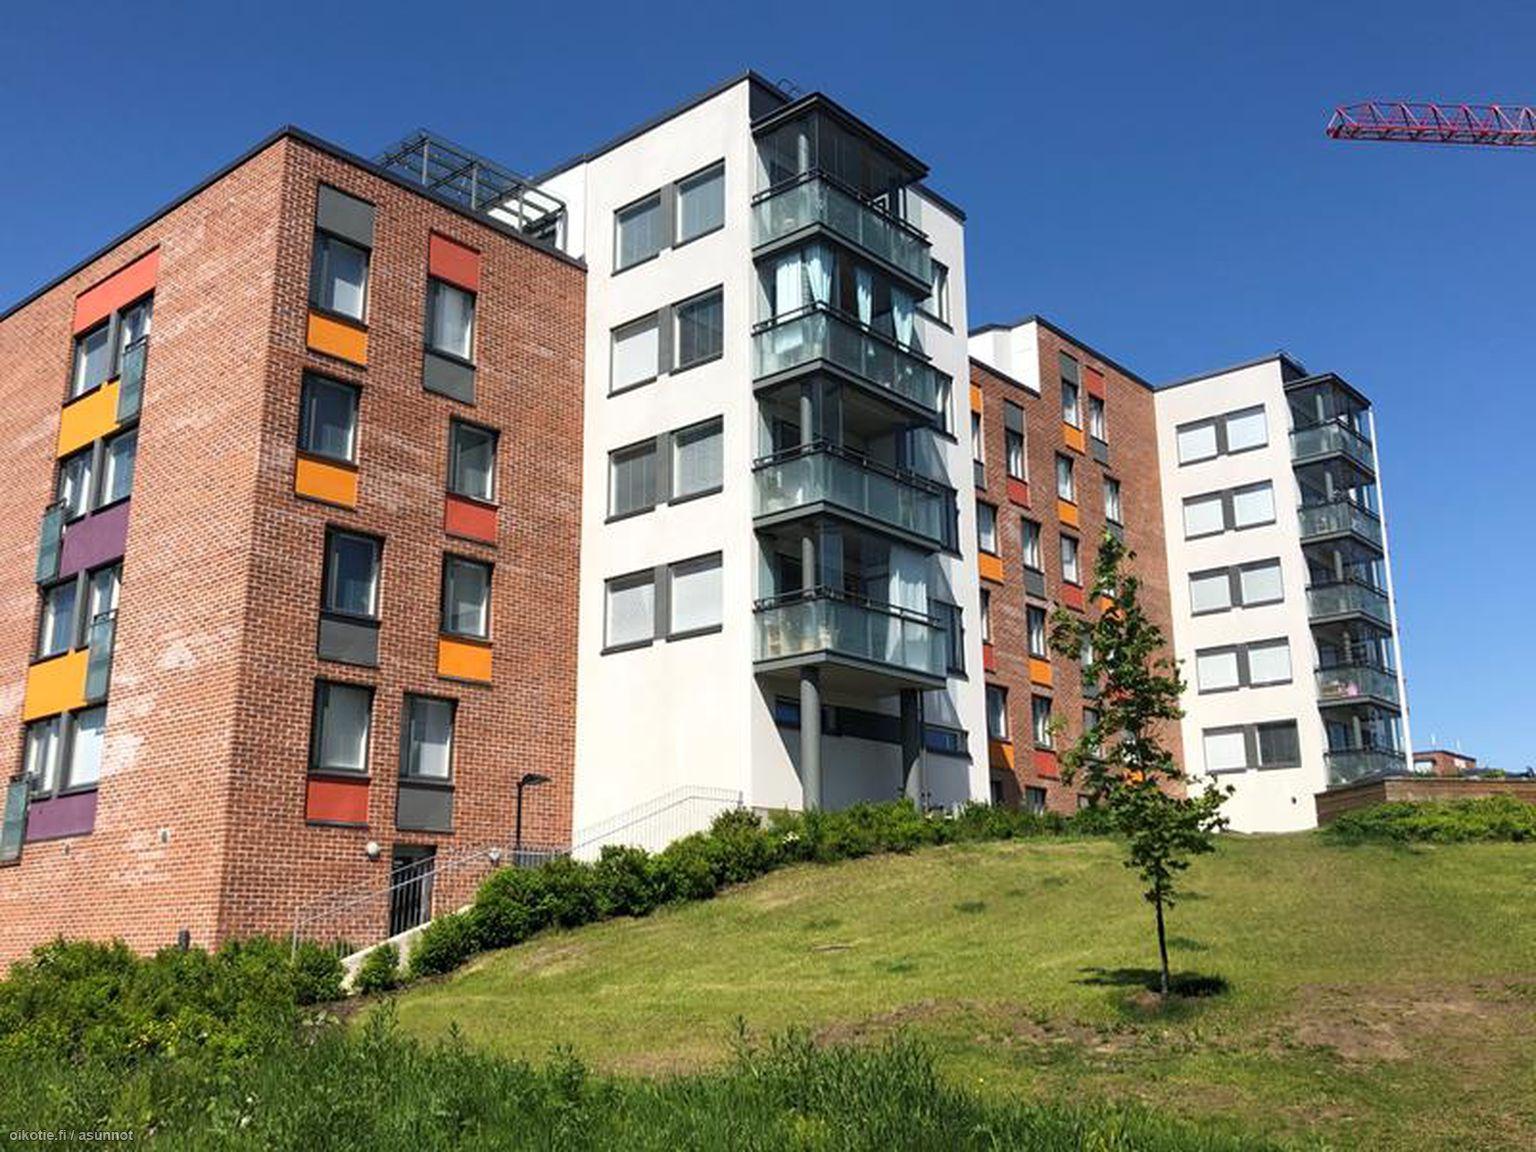 Vuokrattavat Asunnot Vantaa